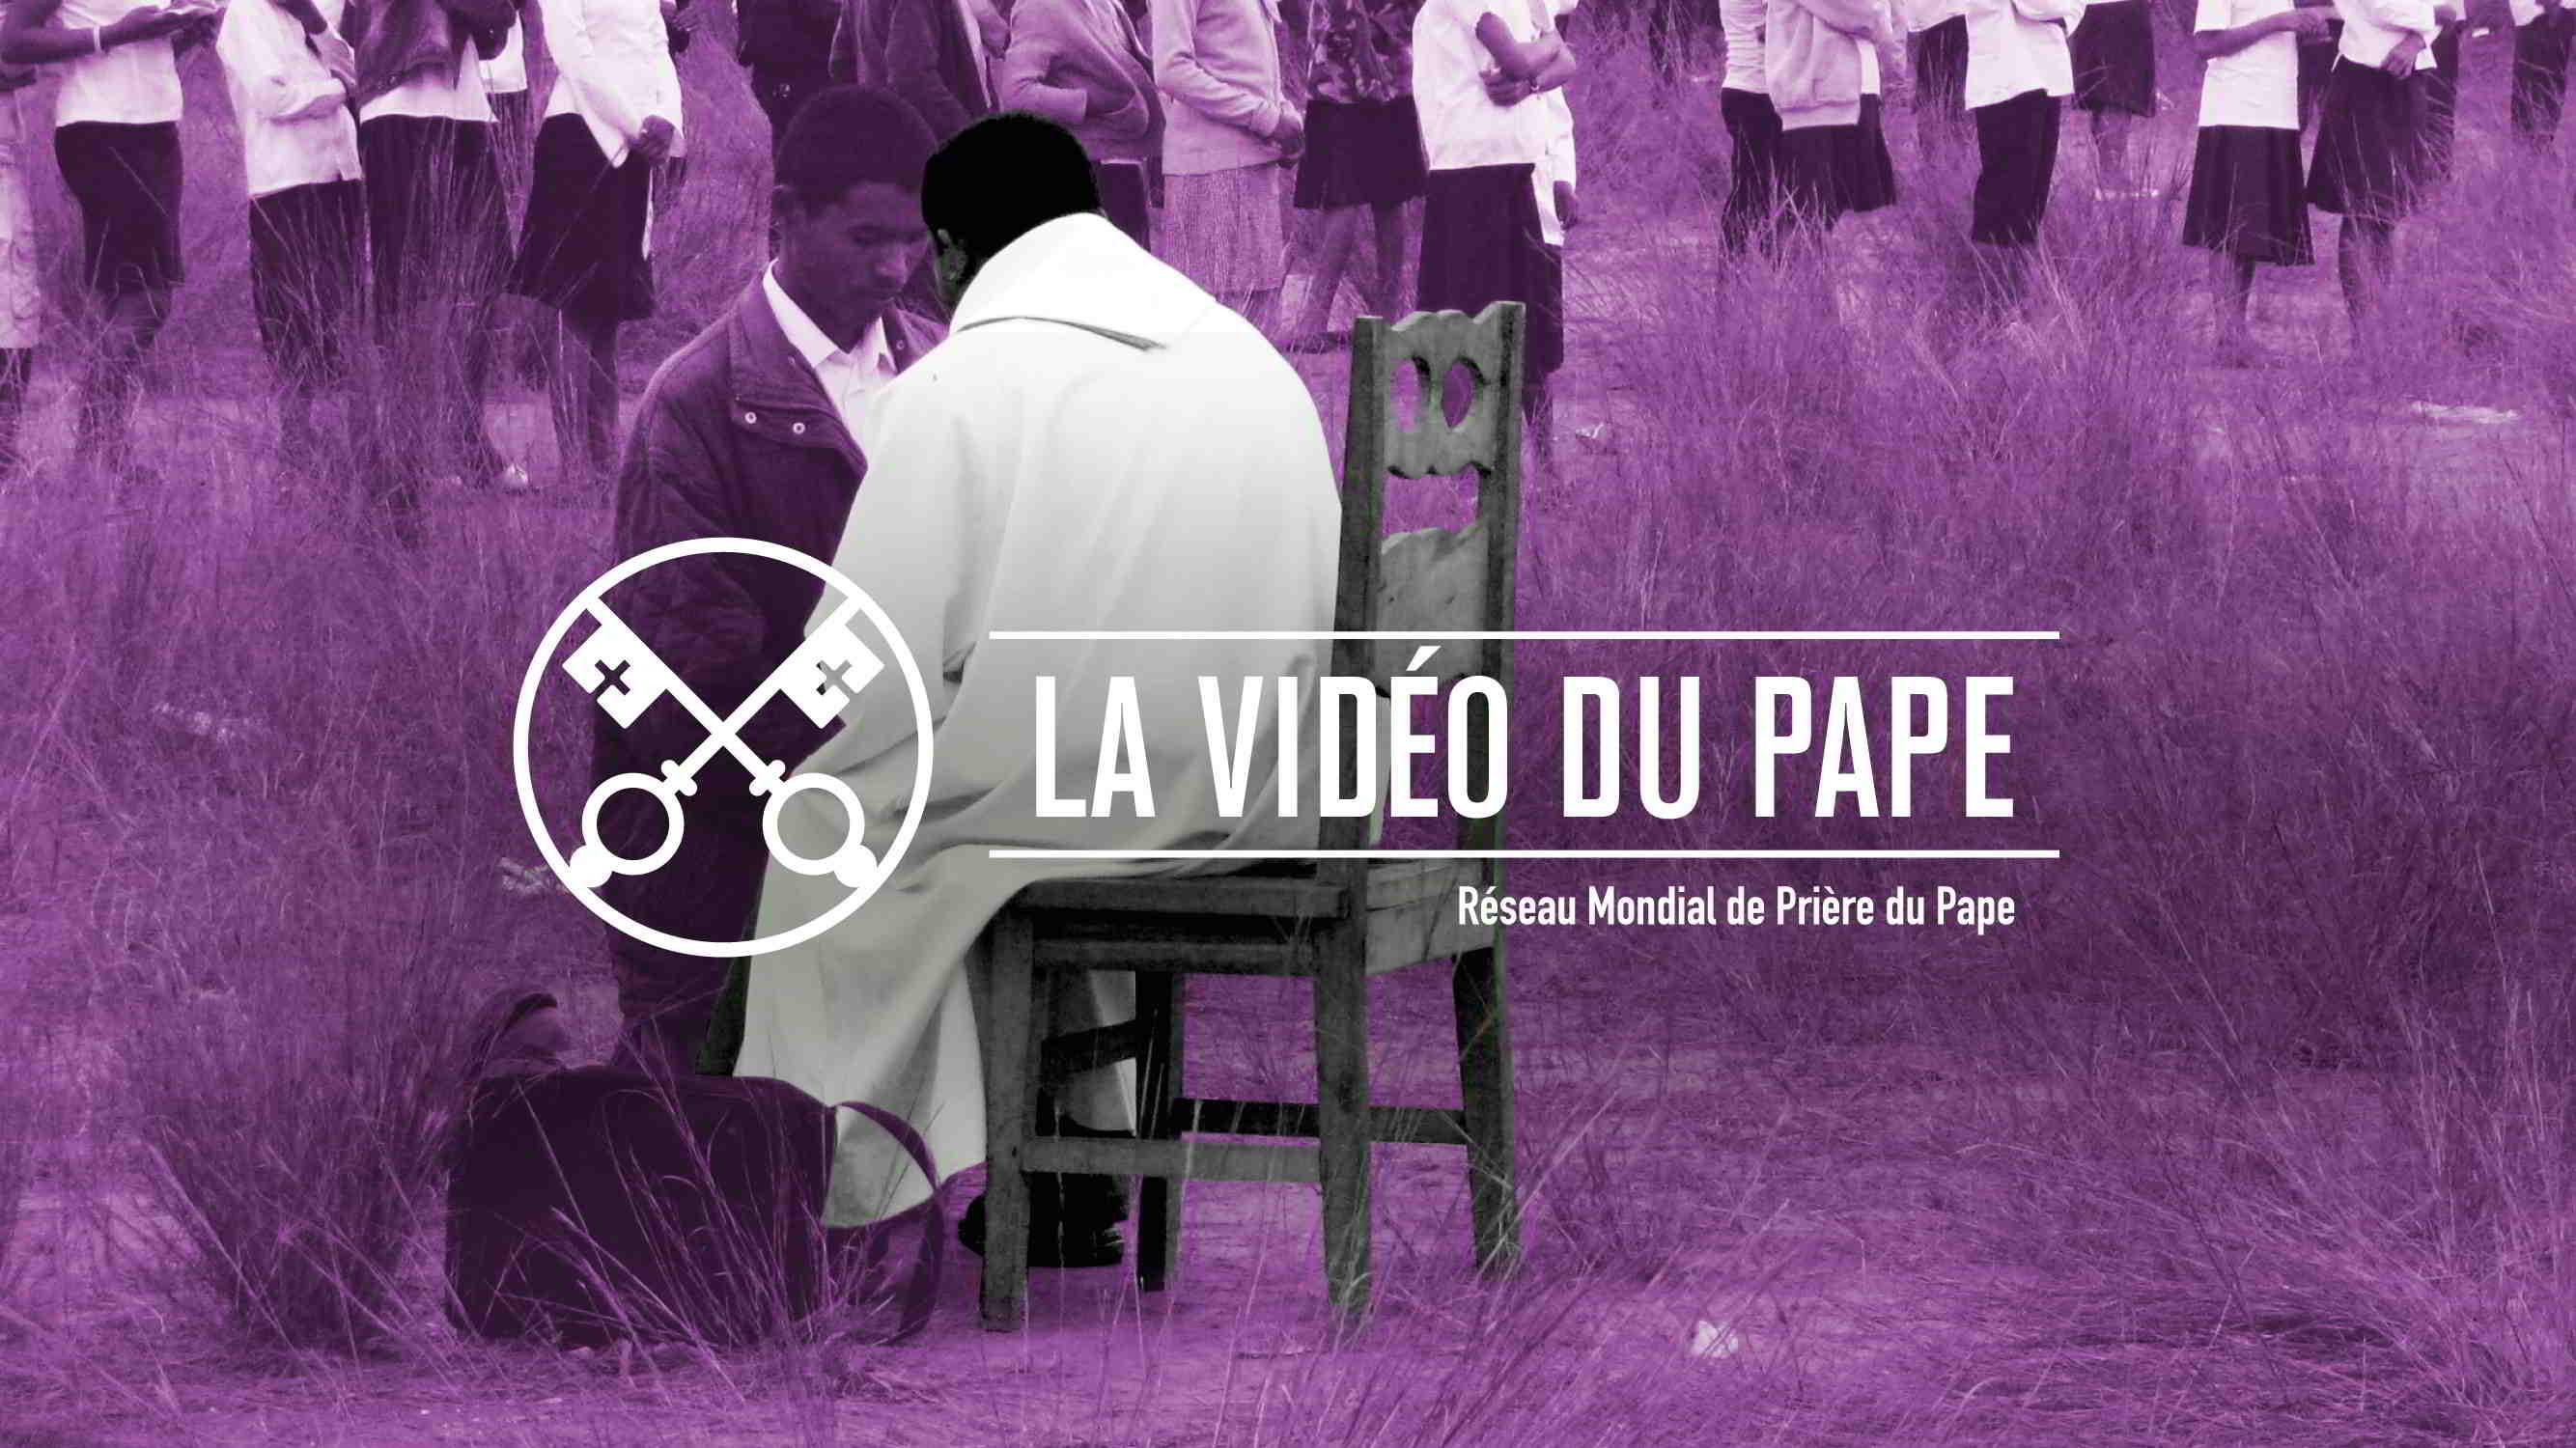 Official Image - TPV 6 2019 - 5 FR - Style de vie des prêtres